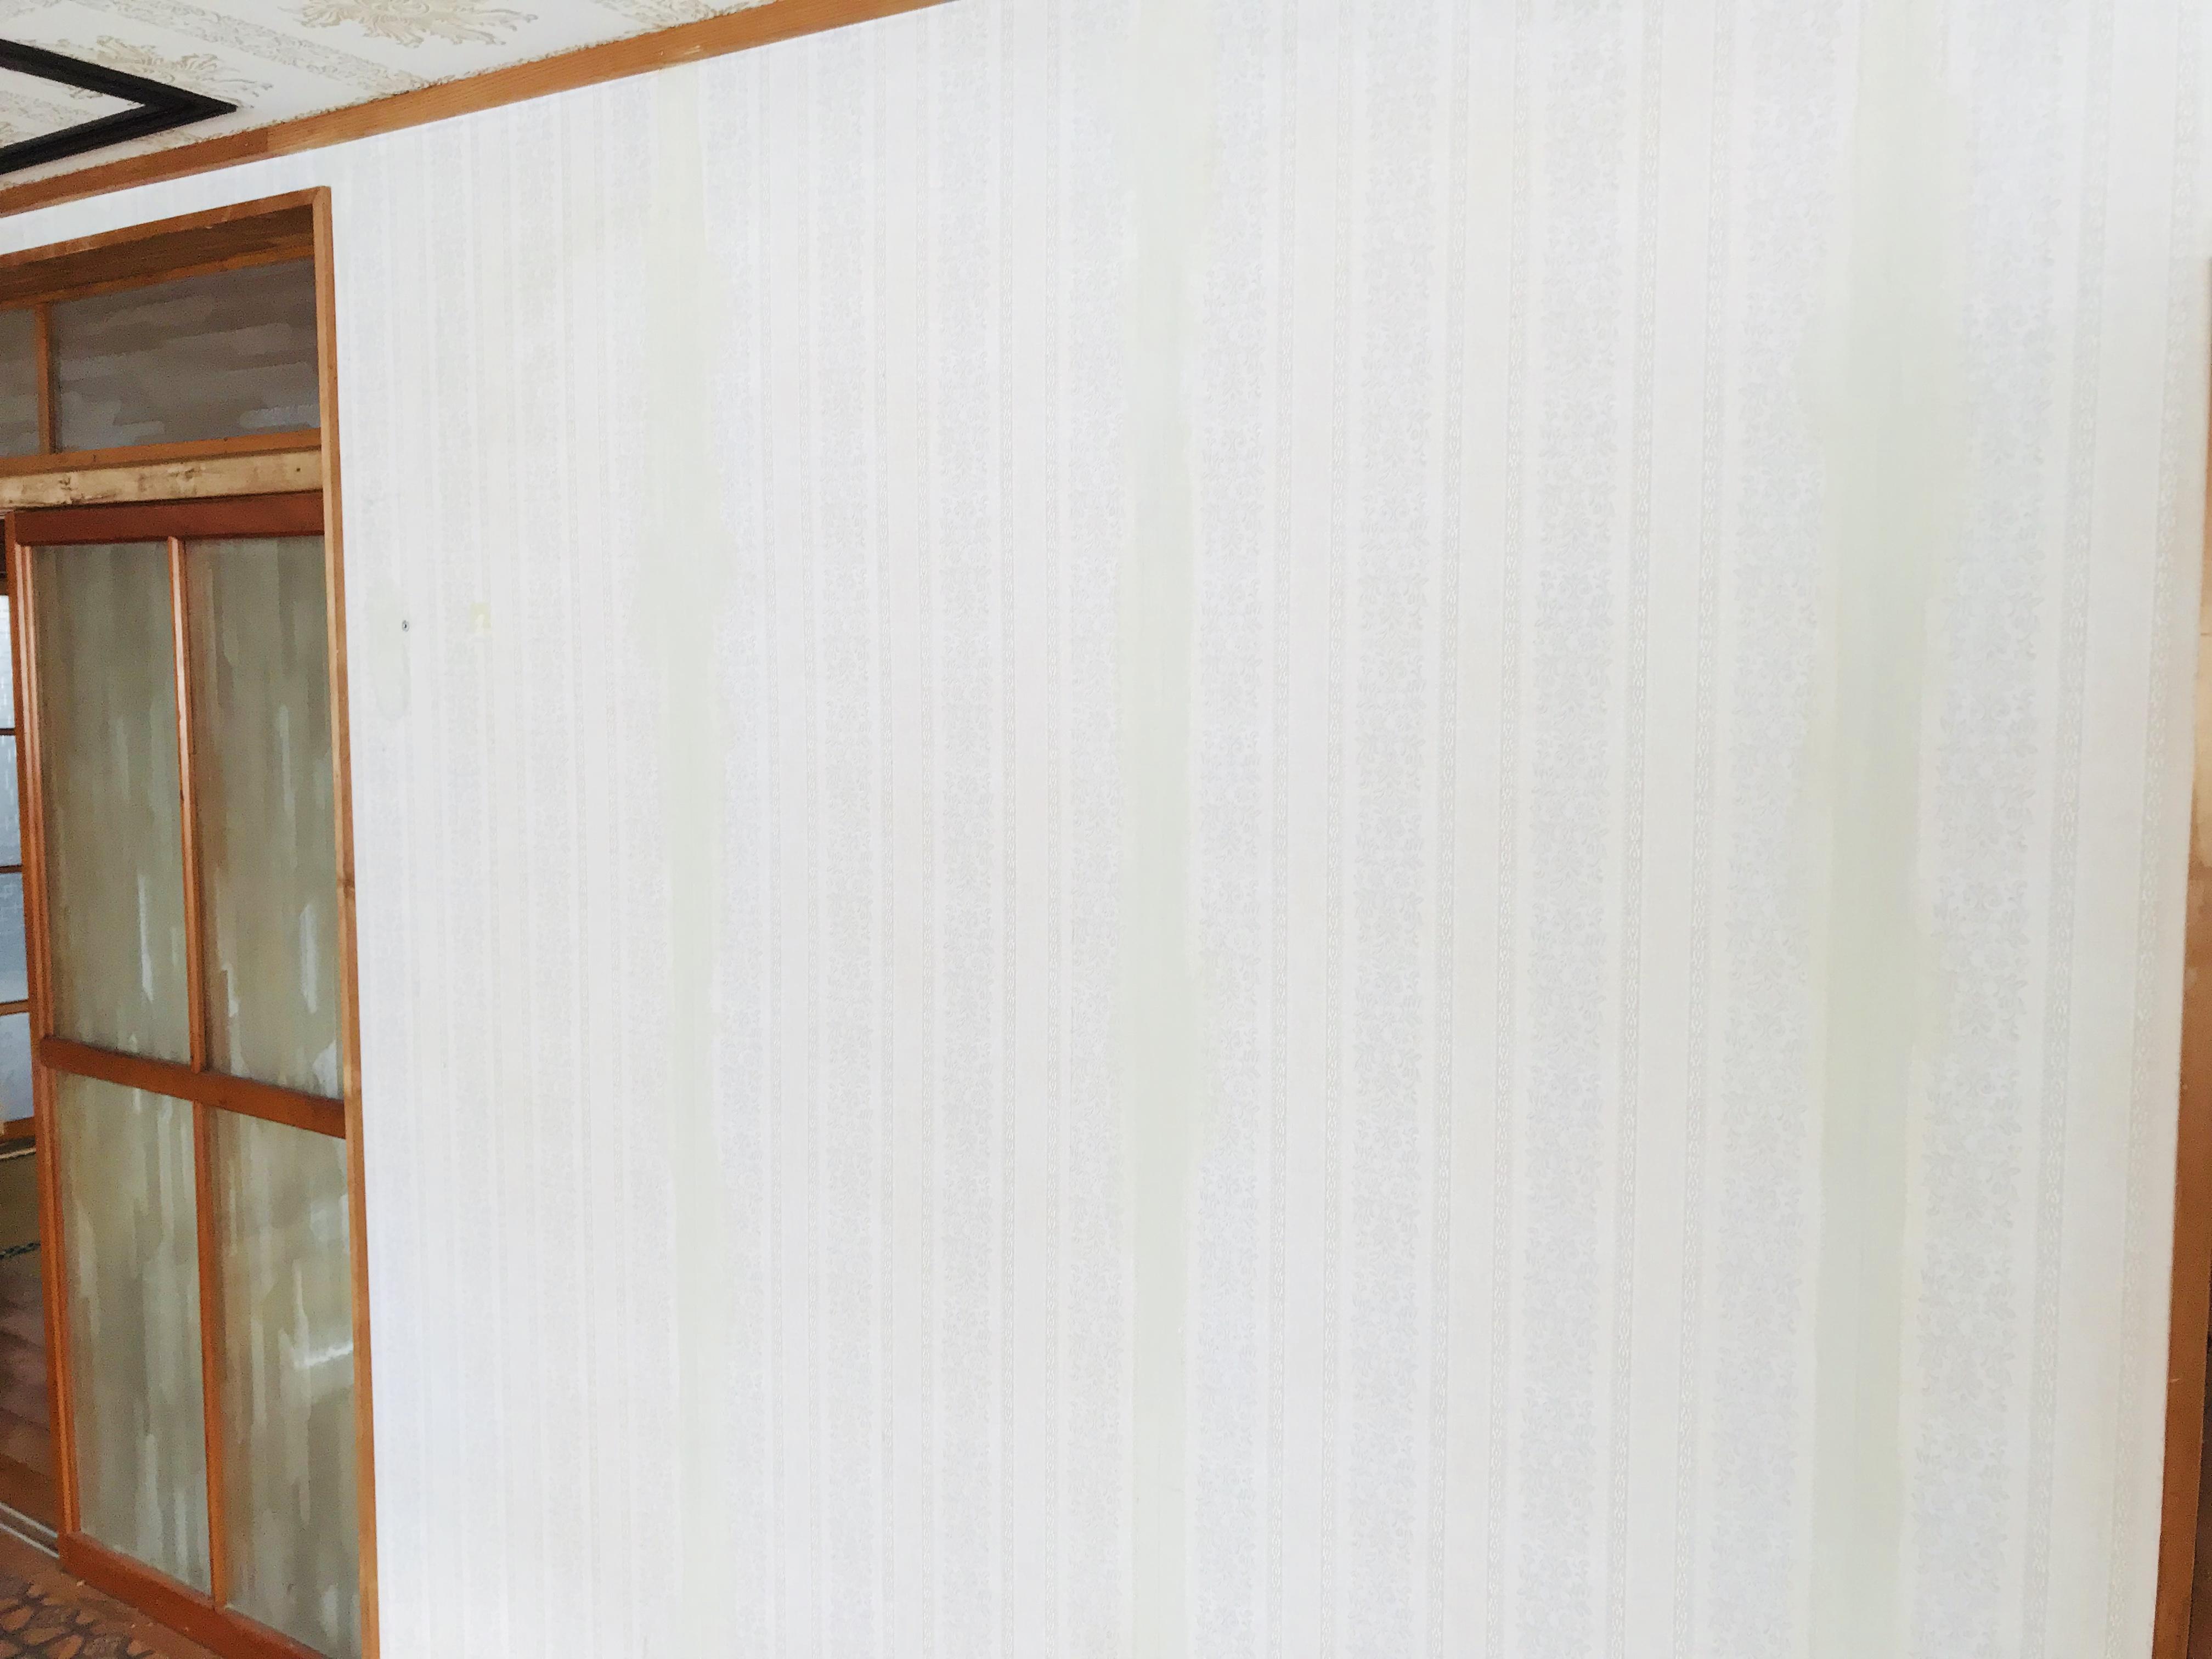 壁紙を貼る下地の確認